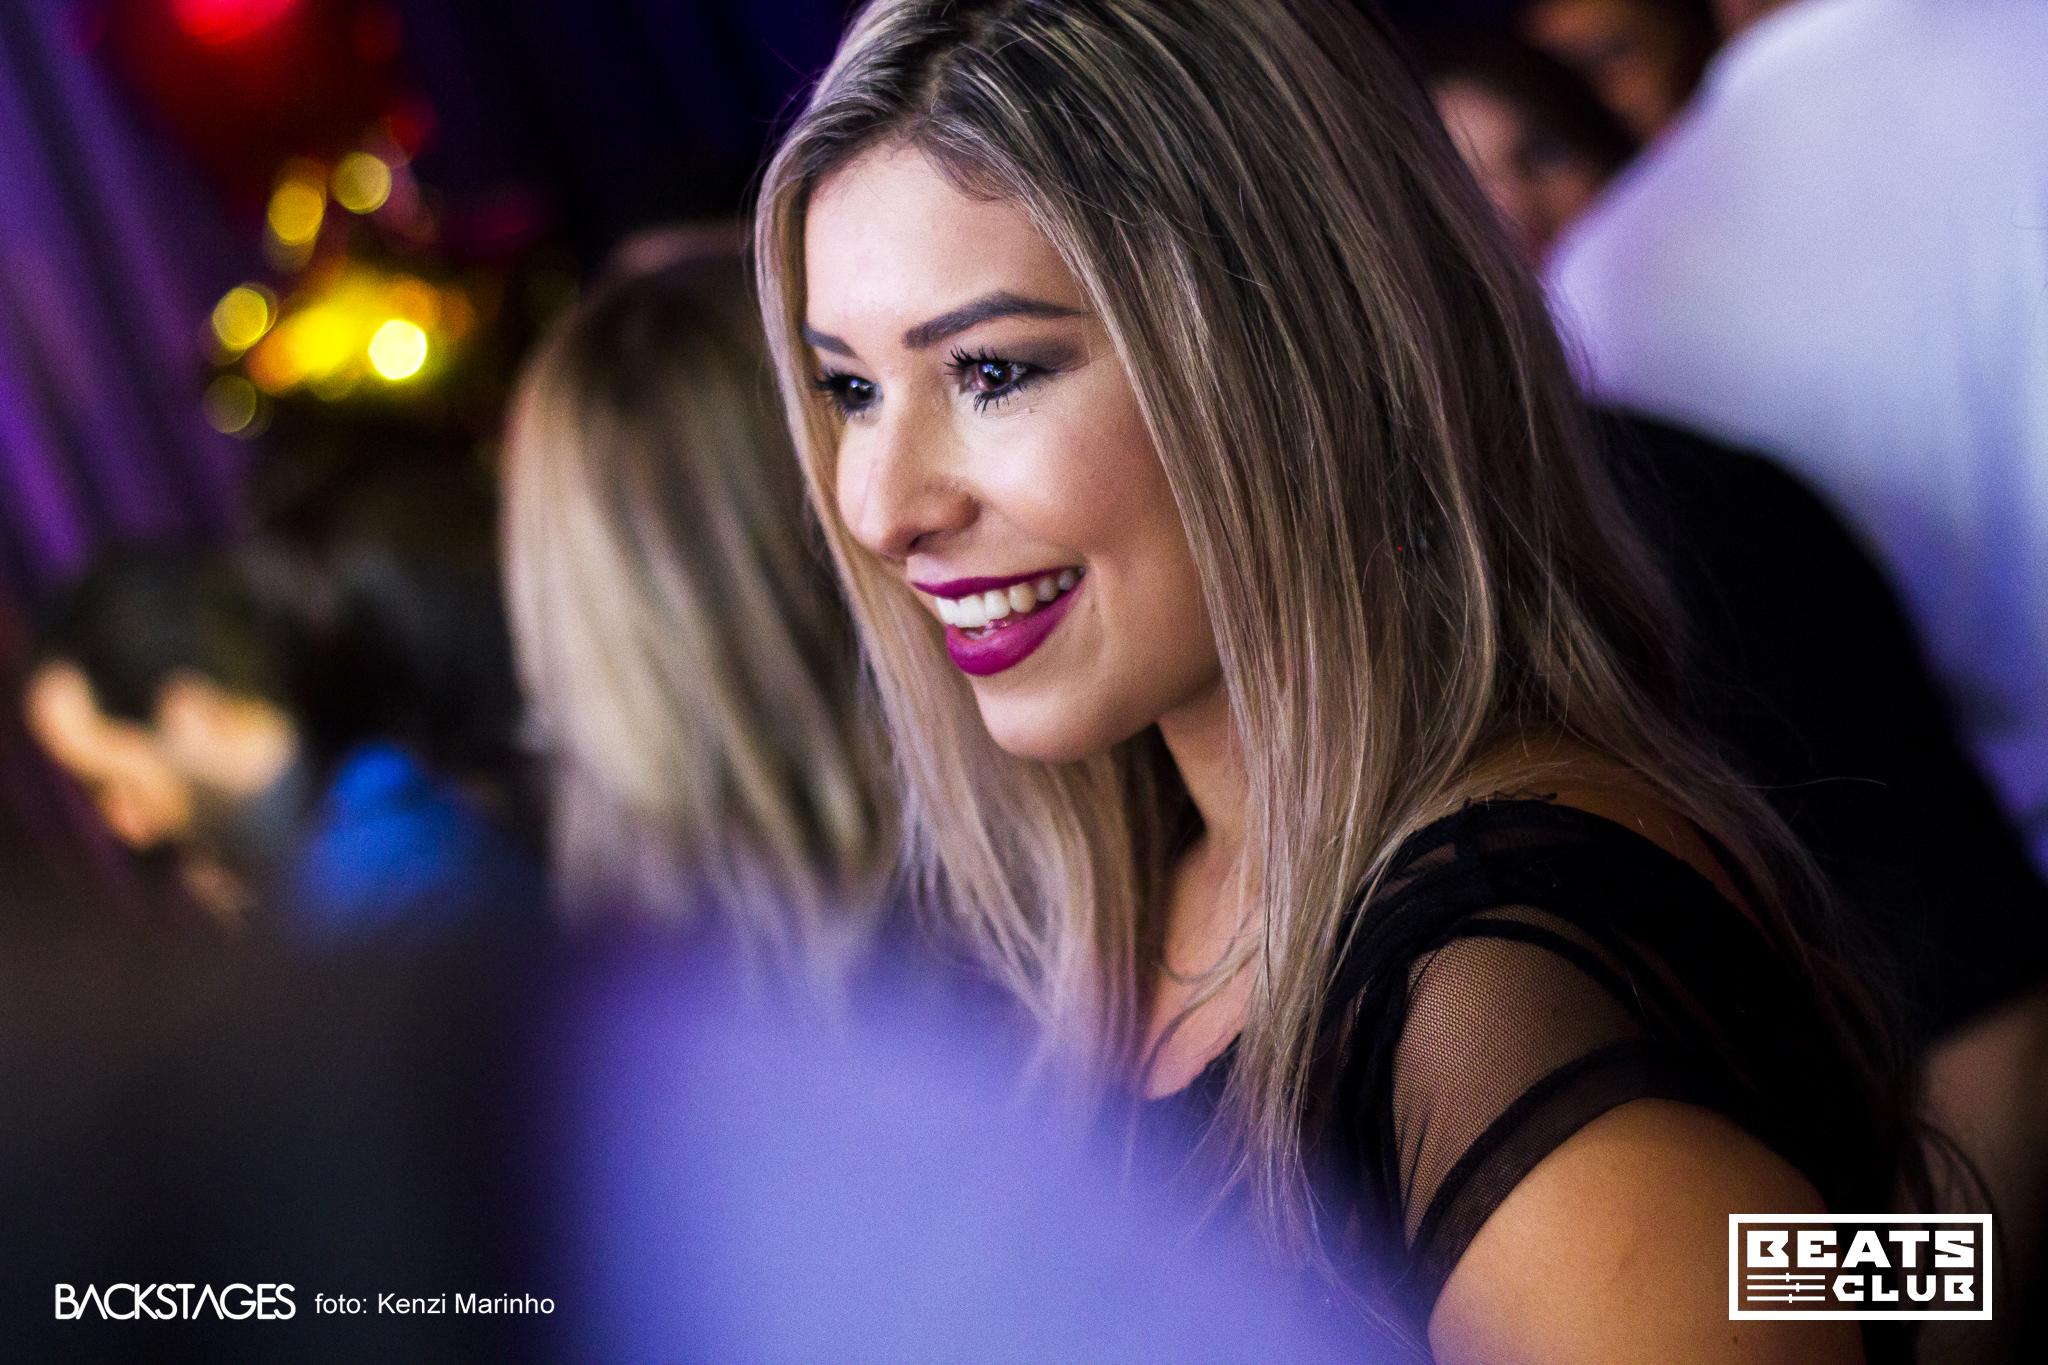 Beats Club - Inauguração 06.05.2017 - Kenzi Marinho (63)